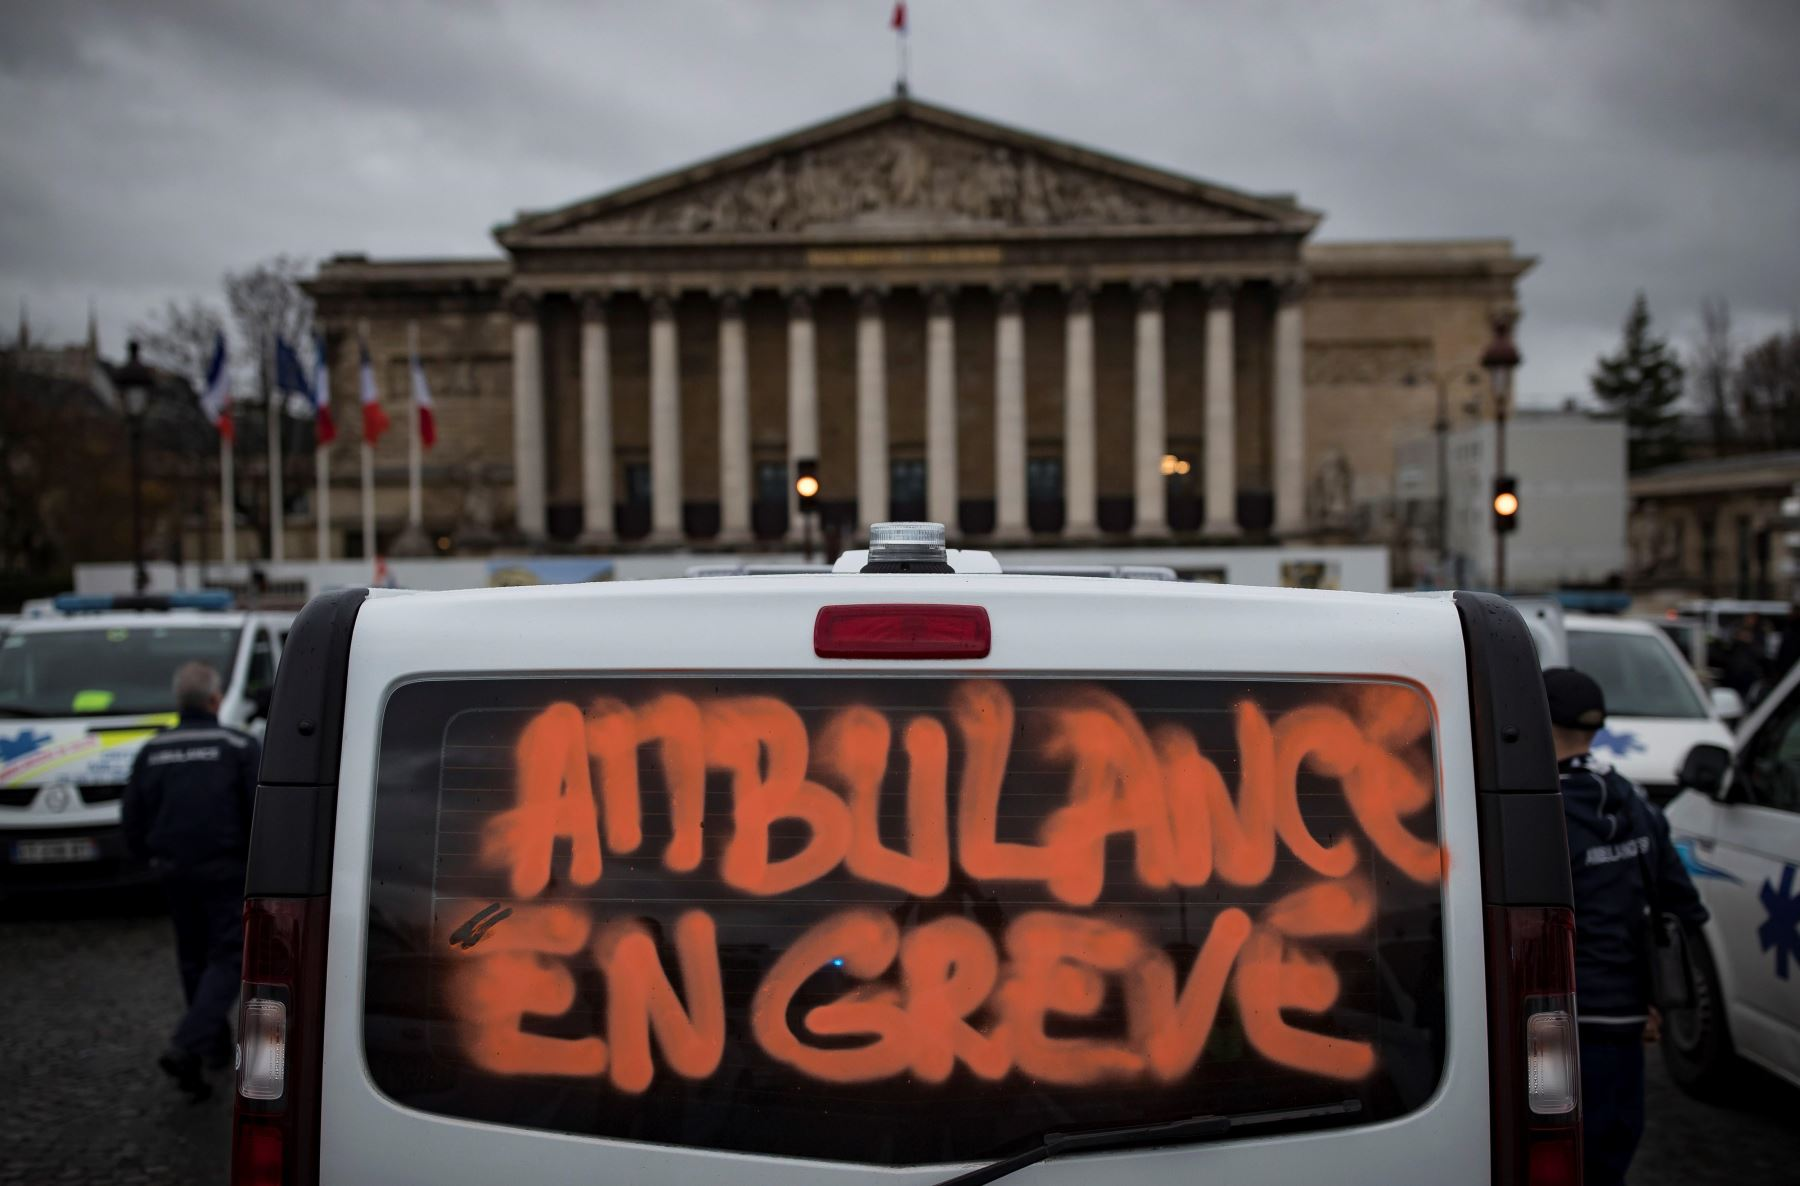 Ambulancias aparcadas en el puente de la de la Concorde durante la protesta a nivel Nacional de conductores de ambulancias, en ParÌs, Francia. Los manifestantes bloquearon el tráfico junto a la Asamblea Nacional para exigir la suspensión de una reforma del sistema de financiación de los transportes sanitarios. EFE